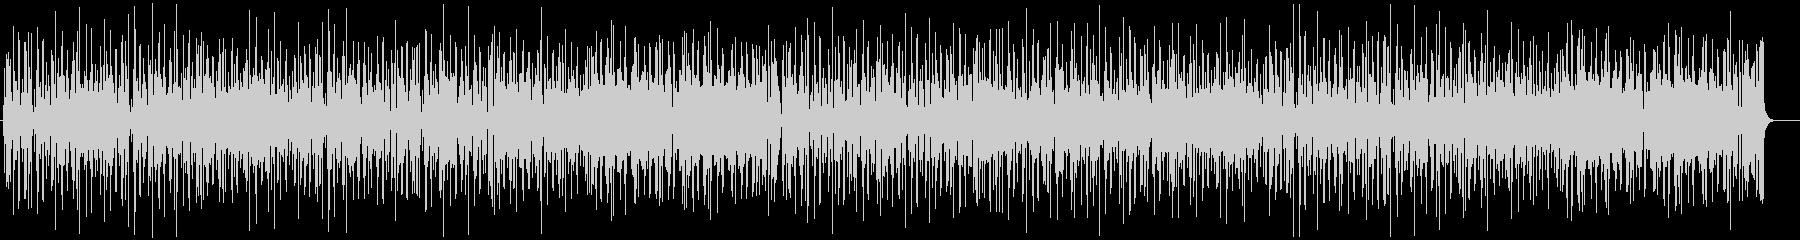 ファンキーでリズミカルなオルガンインストの未再生の波形